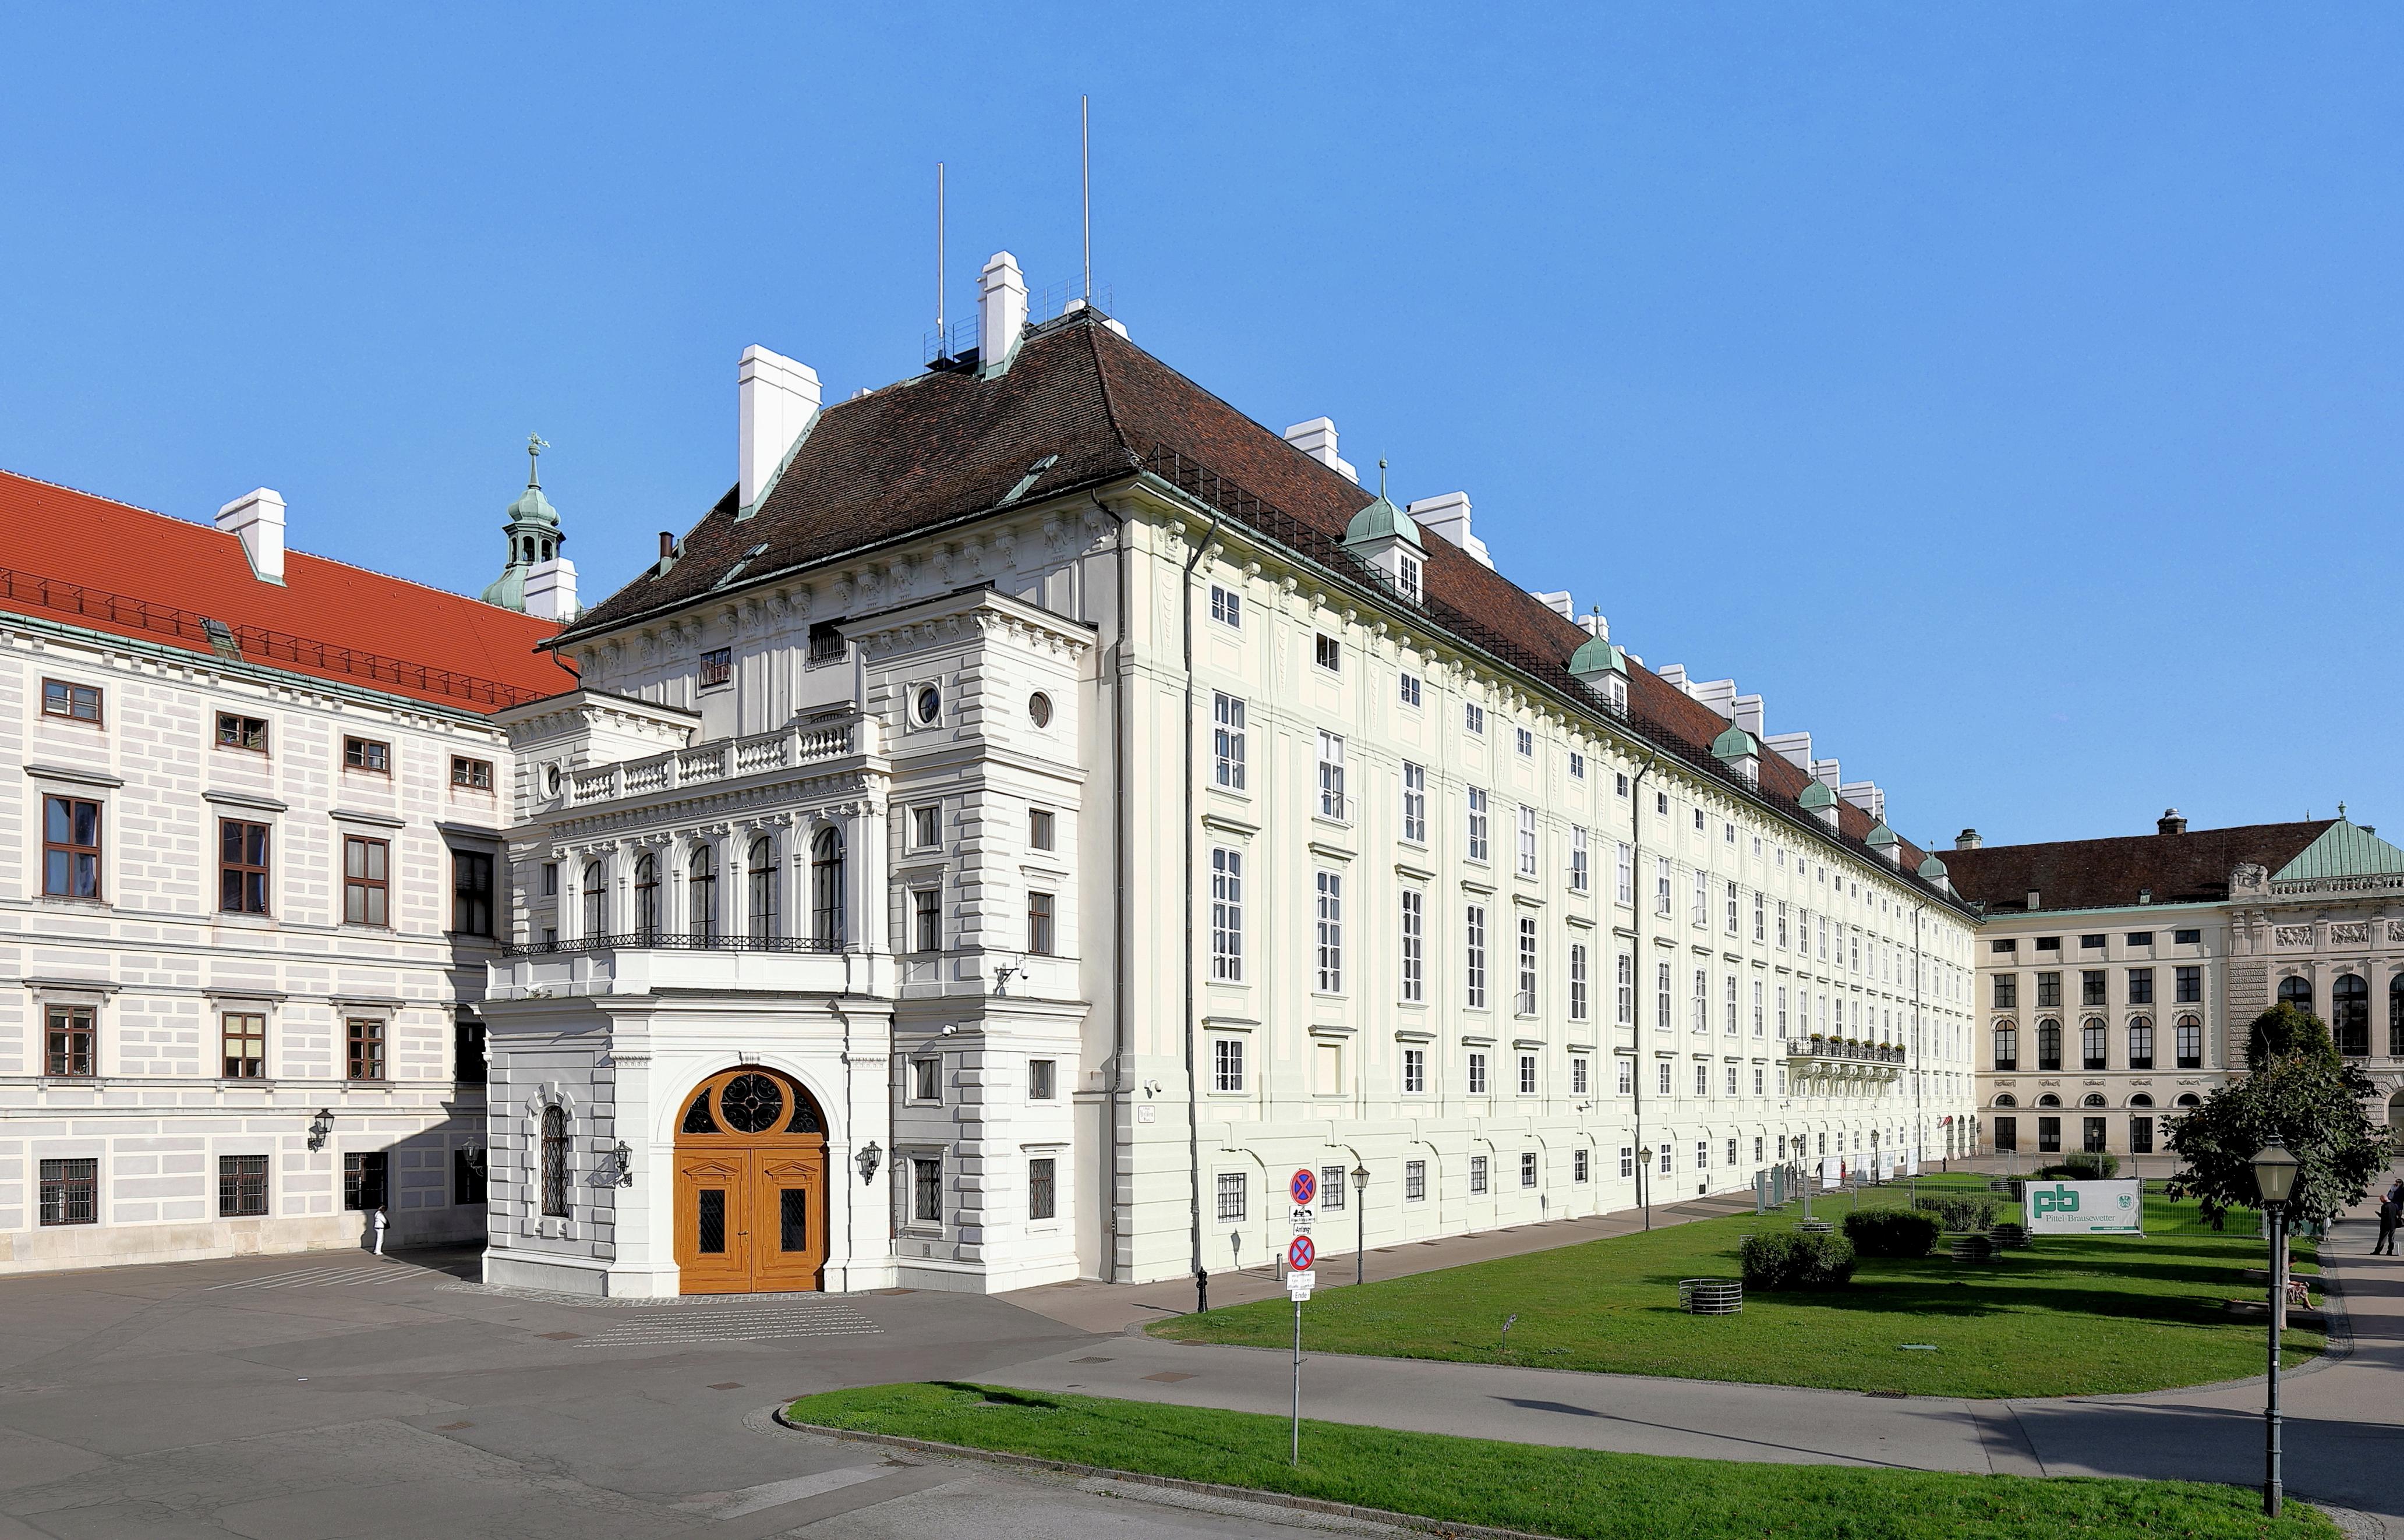 Hof Burg